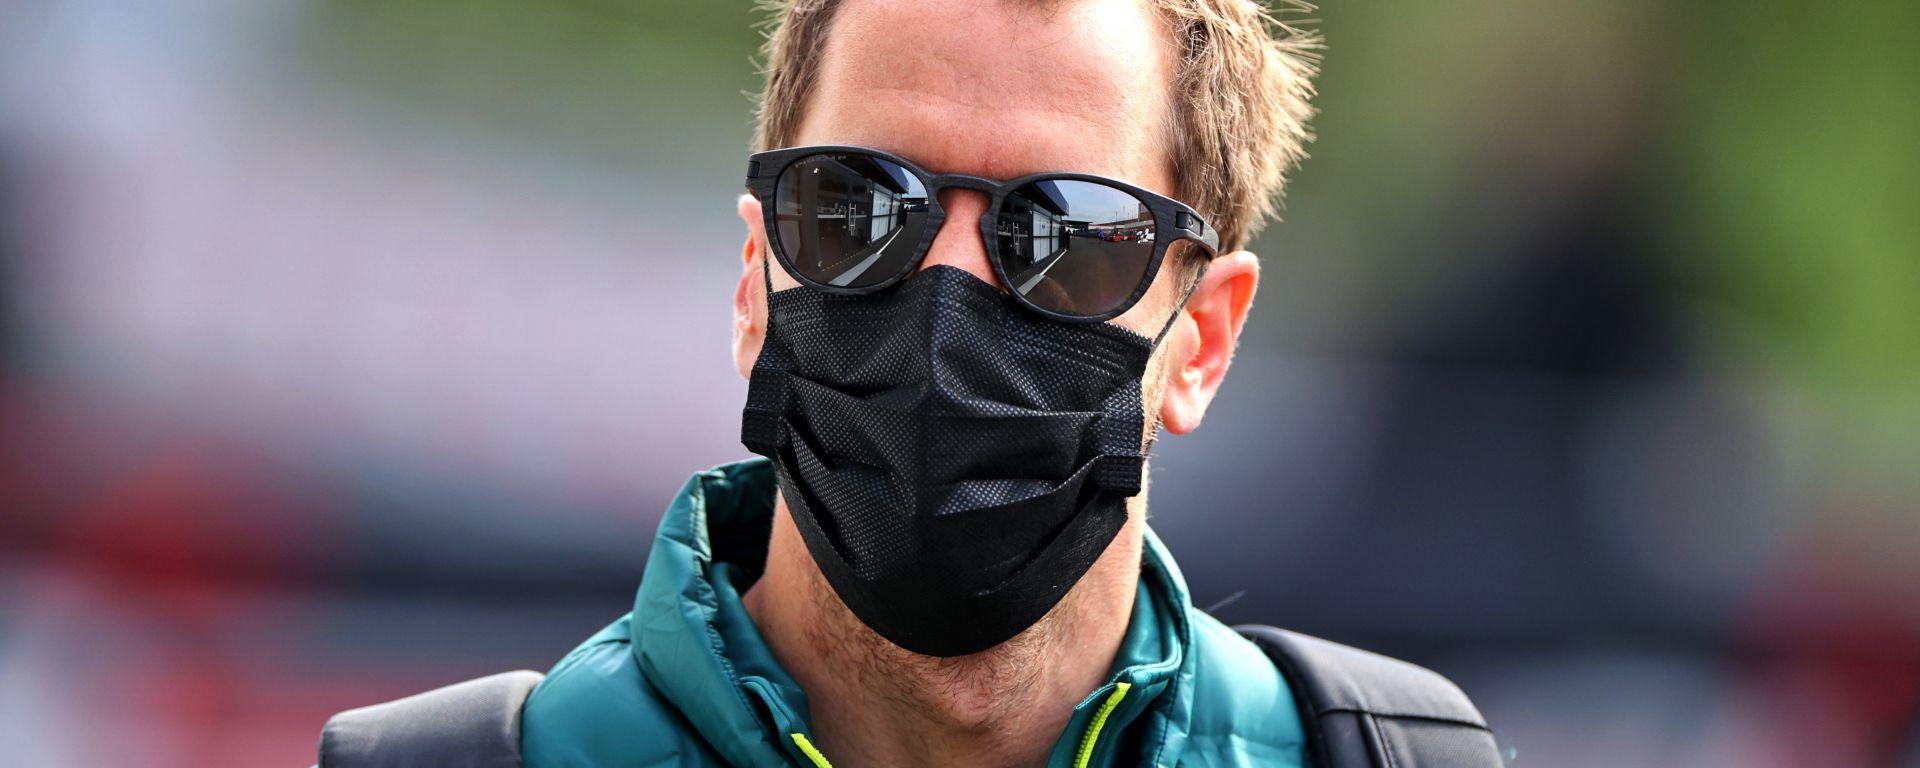 F1, GP Emilia Romagna 2021: Sebastian Vettel (Aston Martin)